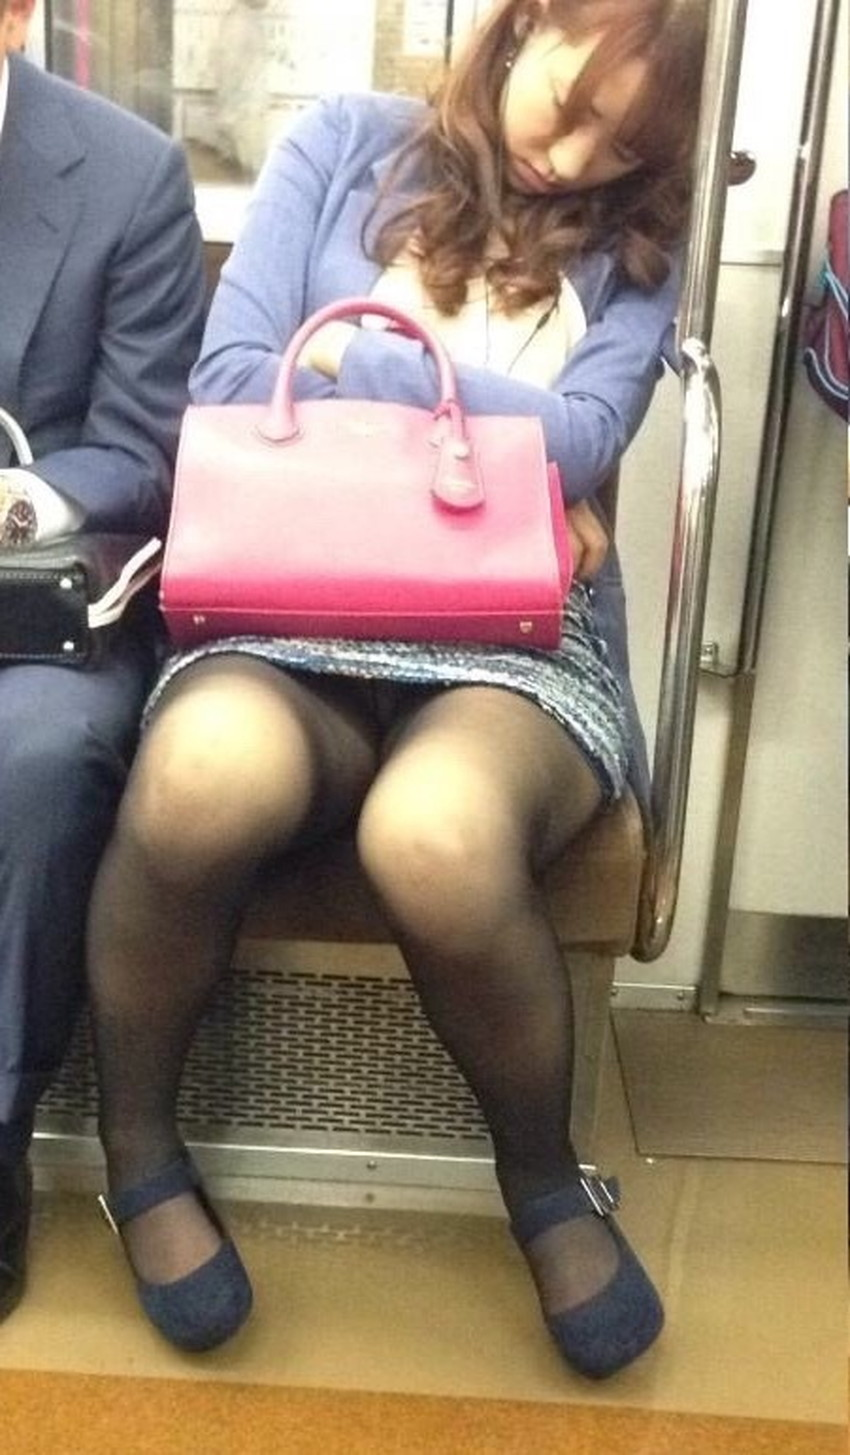 【居眠りパンチラエロ画像】居眠りOLが電車内でお股ユルユル!ww居眠り美女の無防備なパンチラを盗撮した居眠りパンチラのエロ画像集!ww【80枚】 79